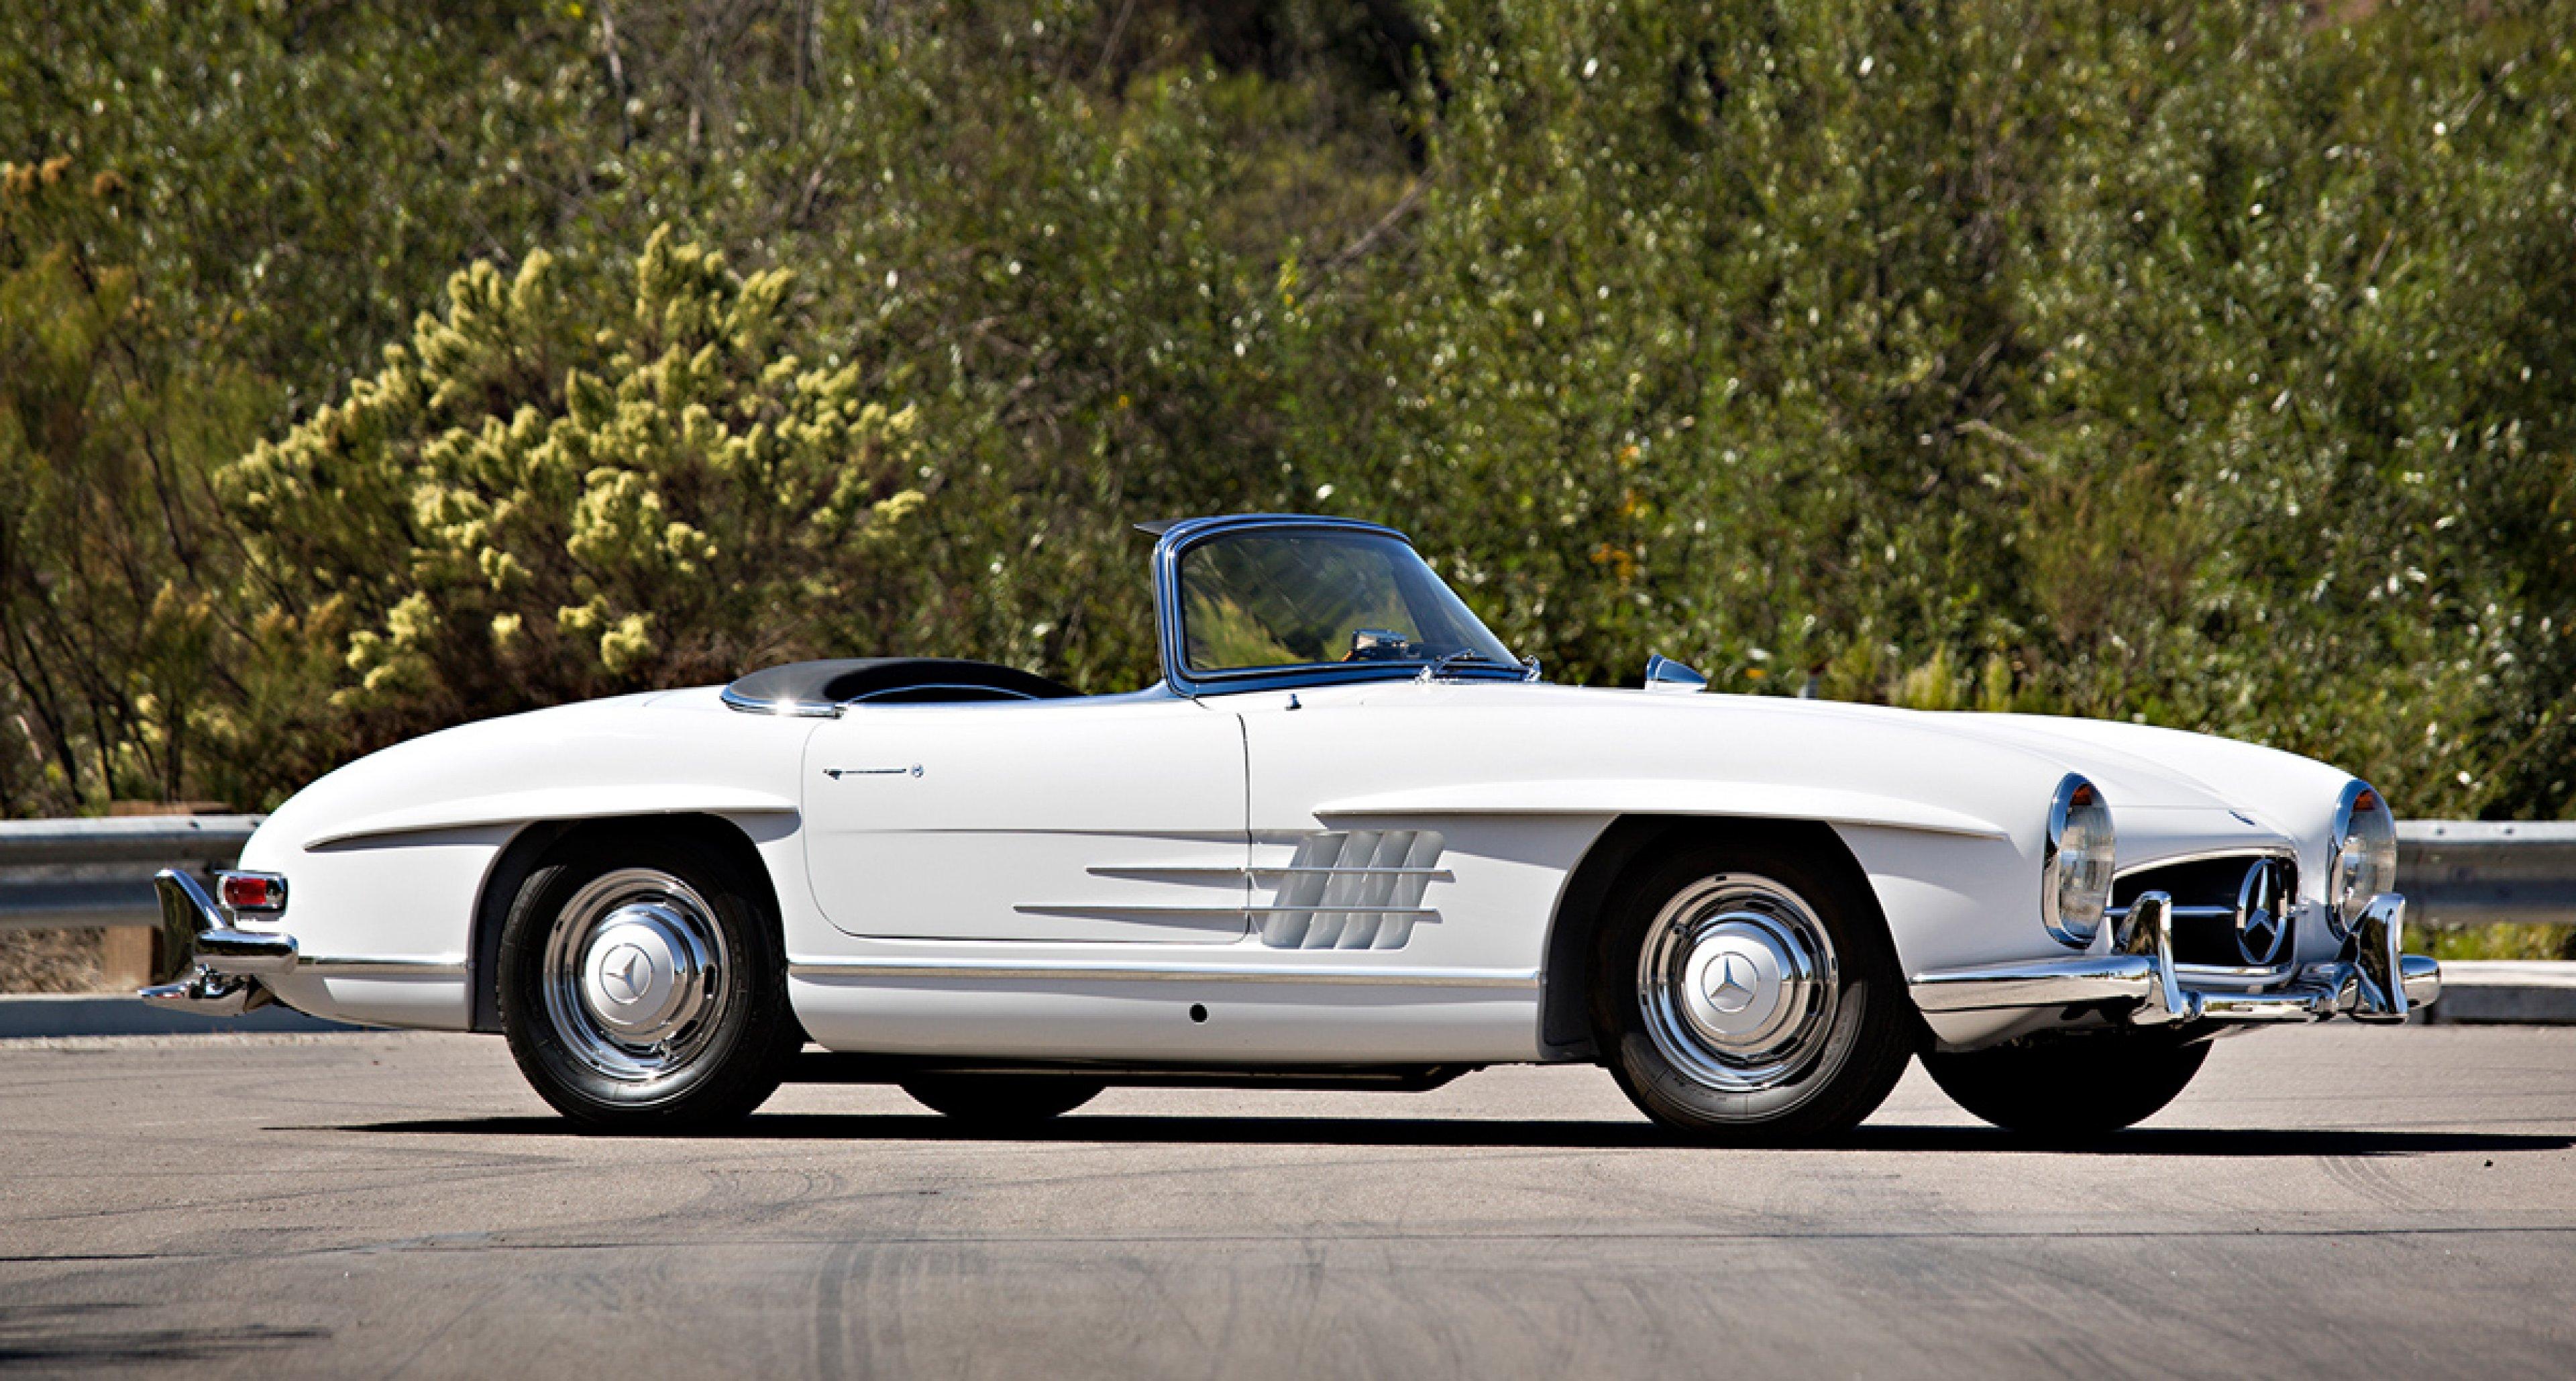 1959 Mercedes-Benz 300 SL Roadster / $1,000,000 - $1,300,000 (Lot 18)